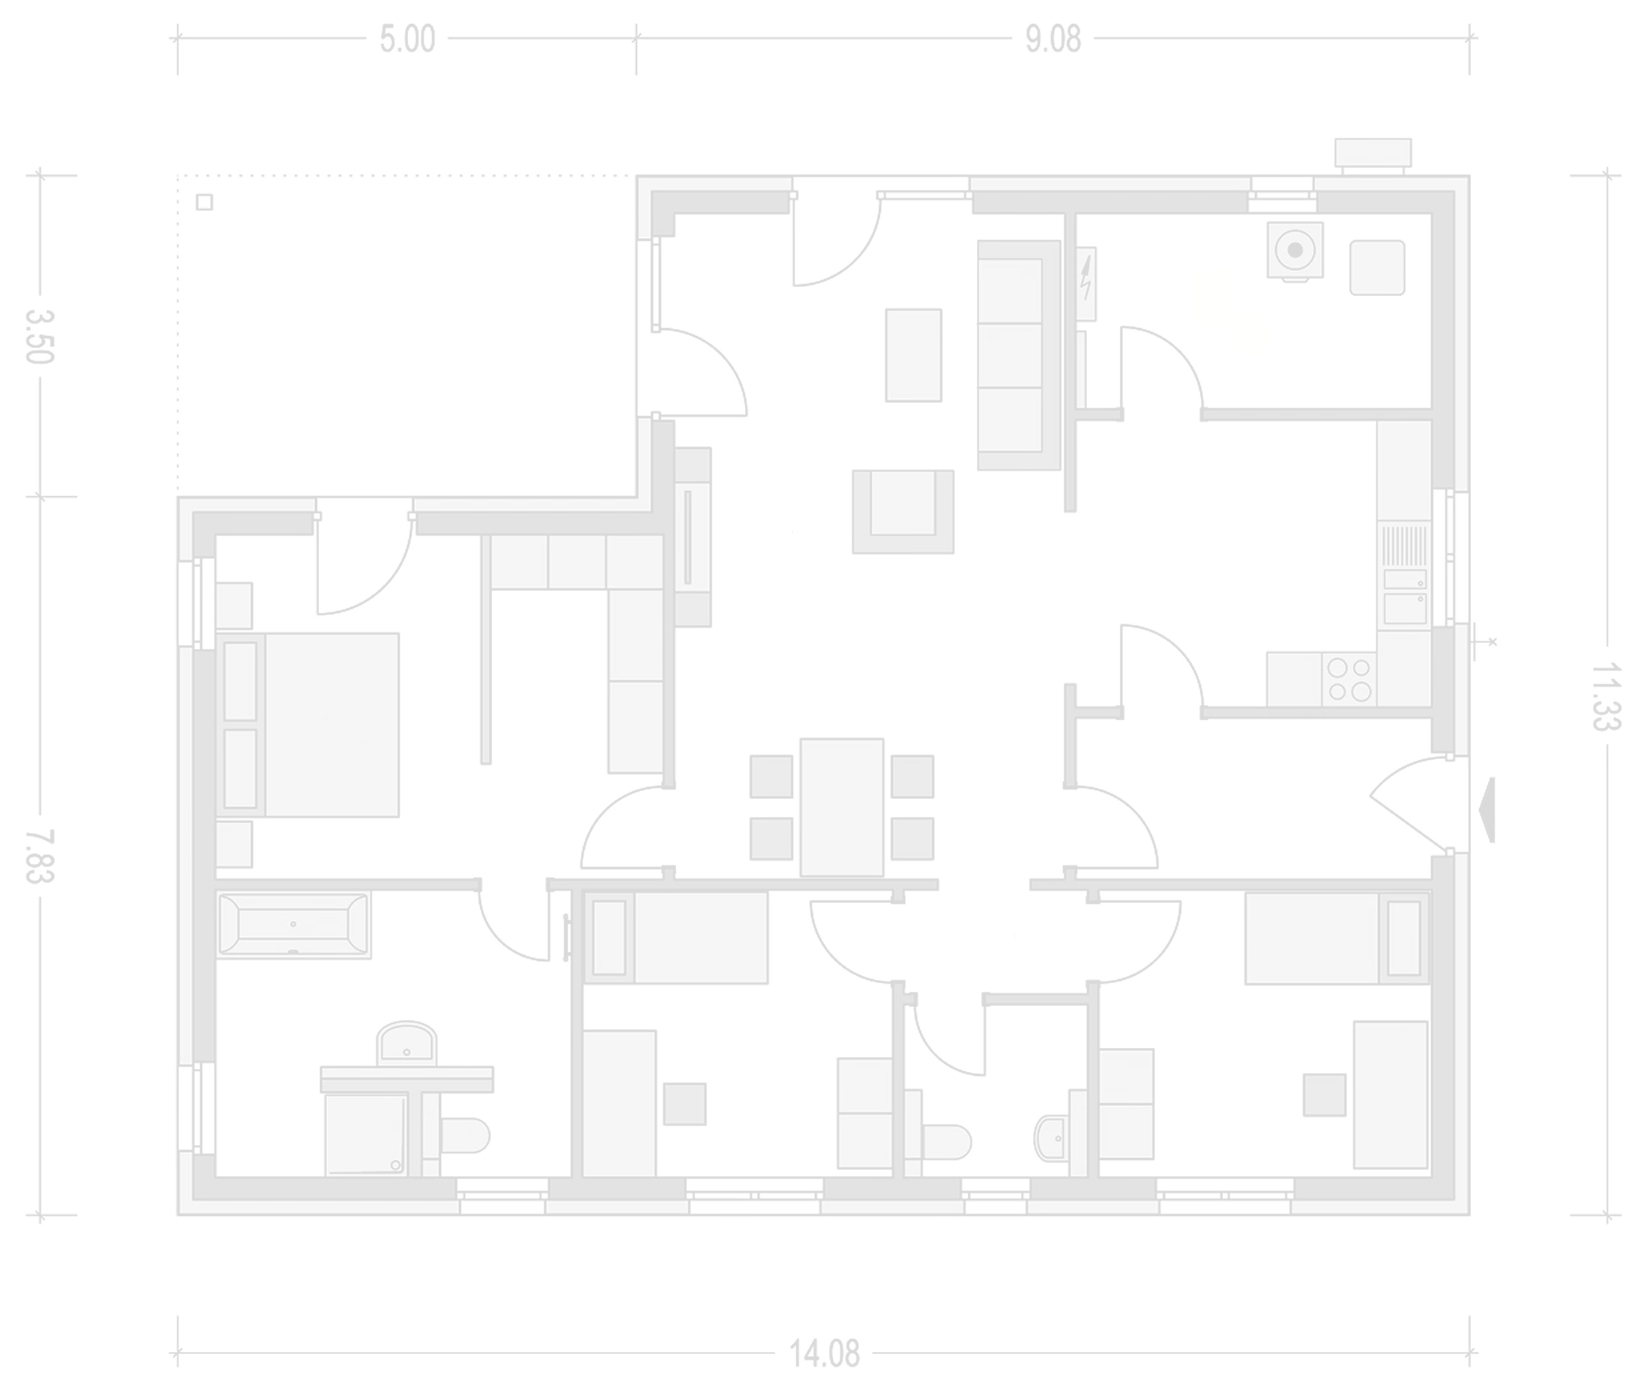 Planimetria della costruzione Casa in Legno modello Abitazione Belvedere di HEMMA CASA